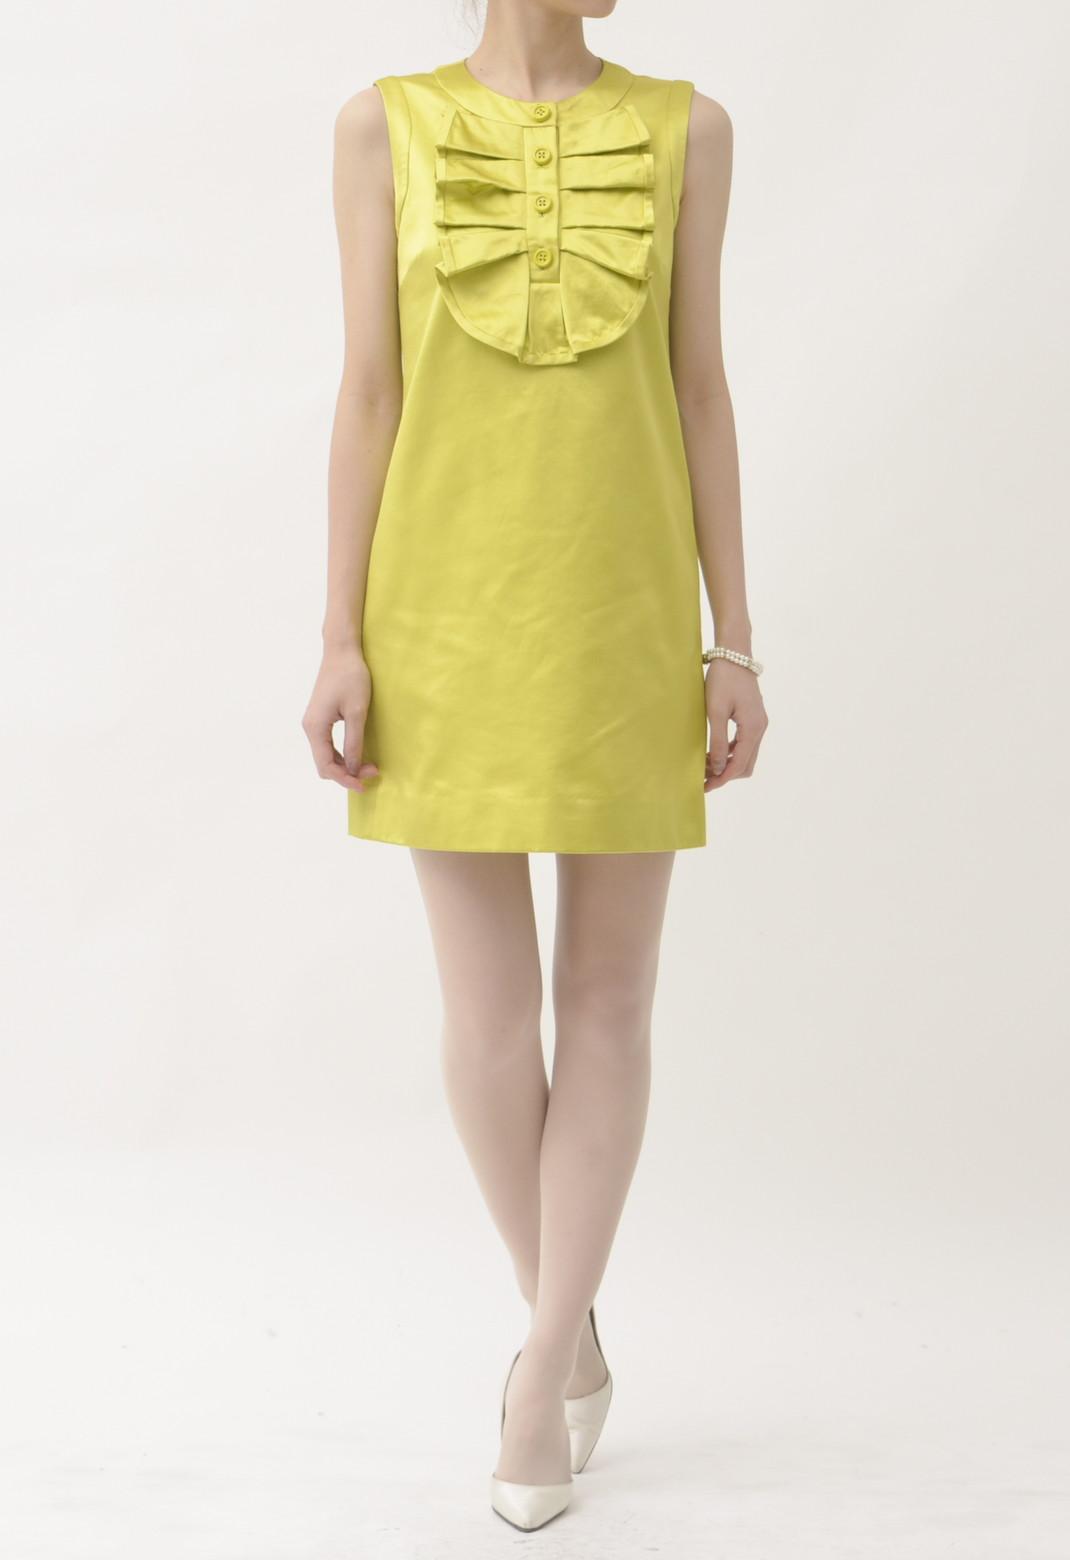 ケイトスペード フロントタックフリル シルク混 ノースリーブ ドレス